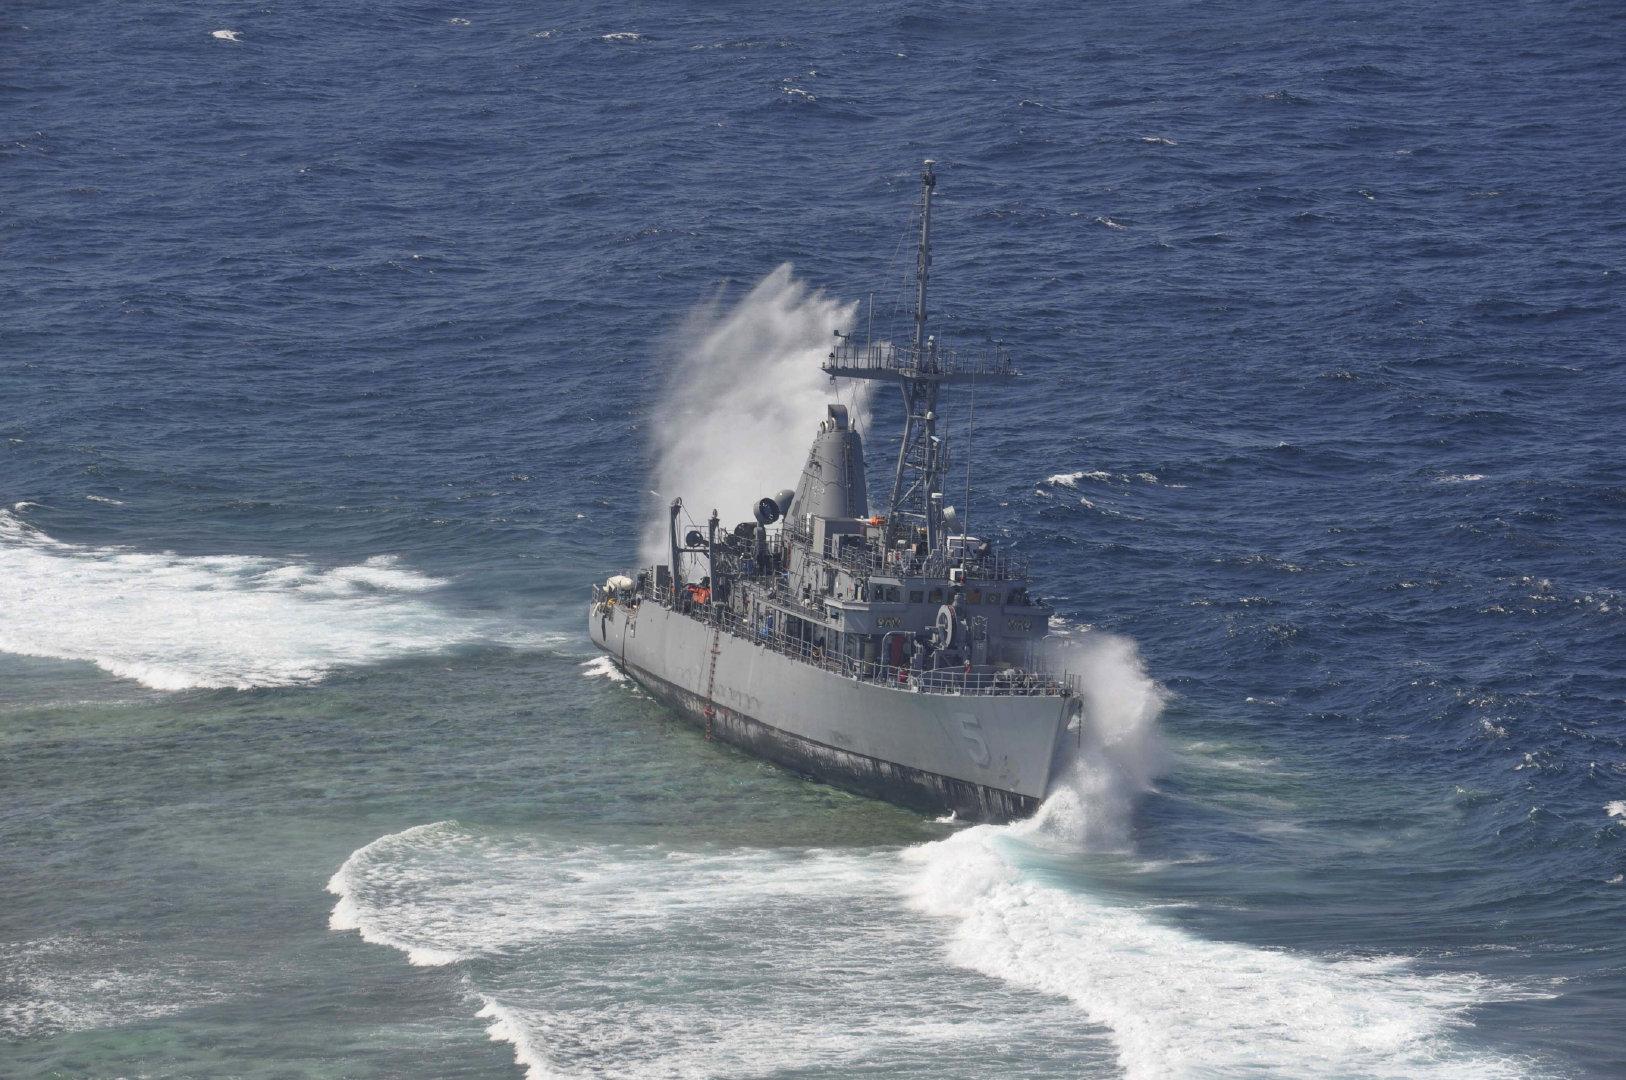 拆船解体系列,复仇者级猎雷舰MCM-5守护者号。1389吨,1987年下水